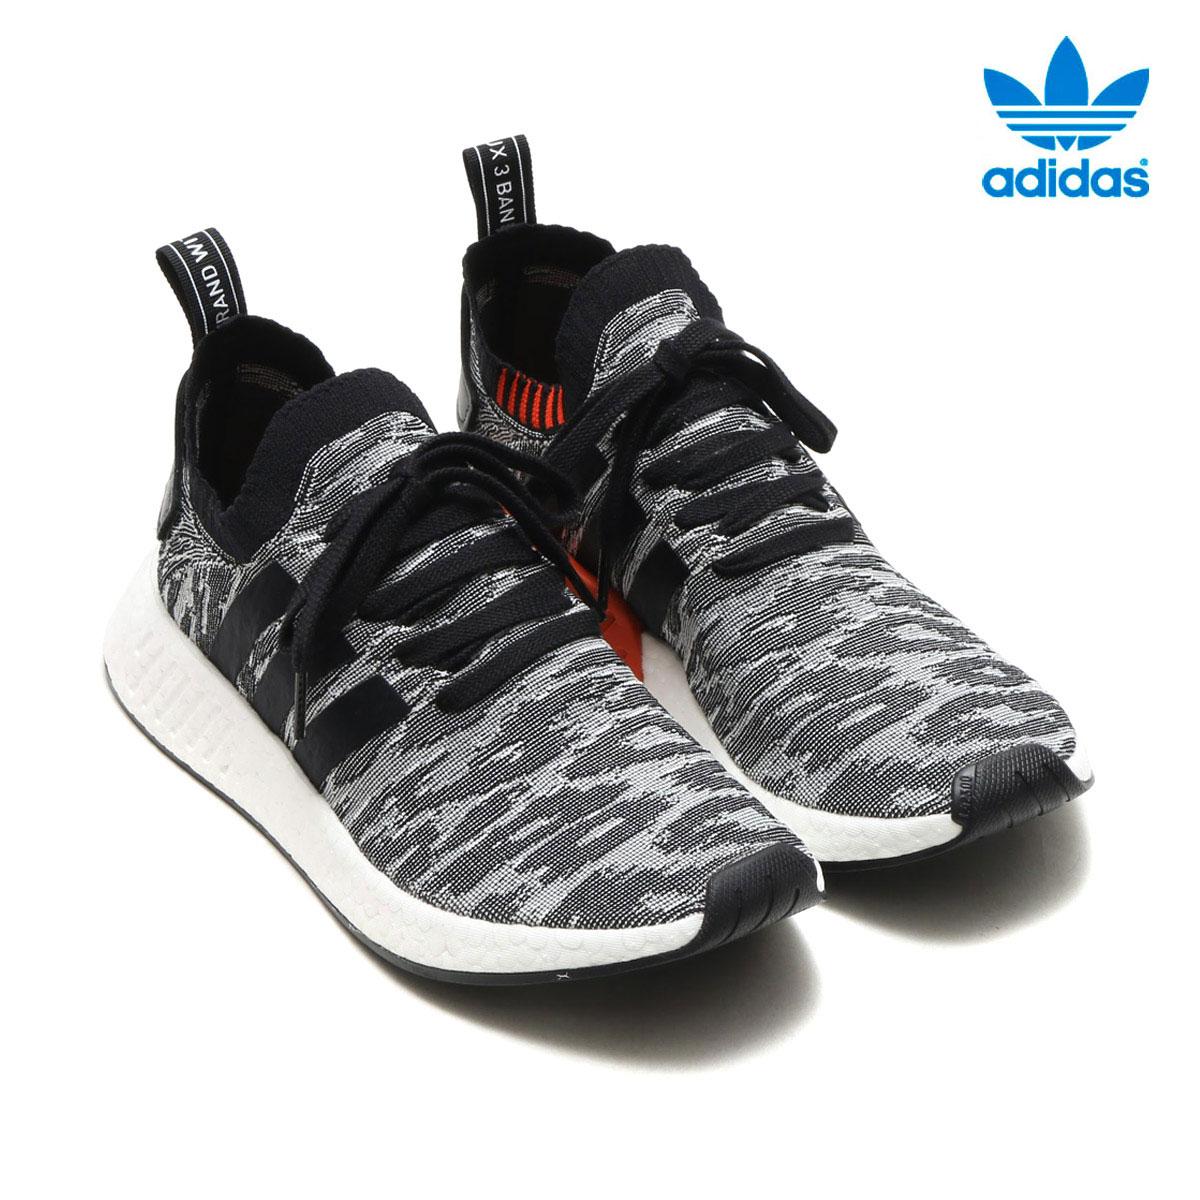 more photos 0b47d 7c630 adidas Originals NMD R2 PK (Adidas originals nomad) (CORE BLACK/CORE BLACK)  17FW-I